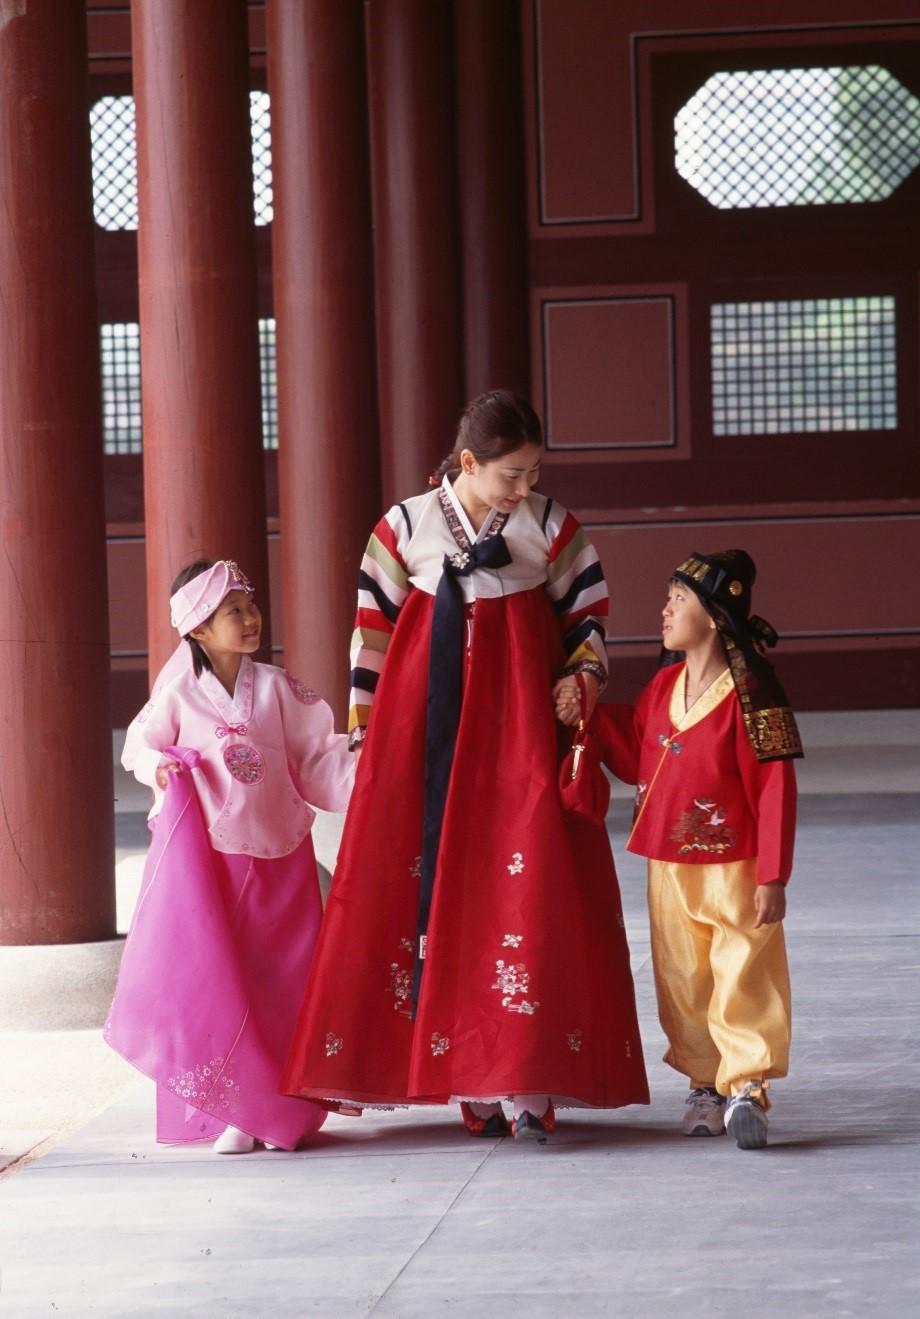 Nao nức đón Tết cổ truyền ở các nước Đông Bắc Á